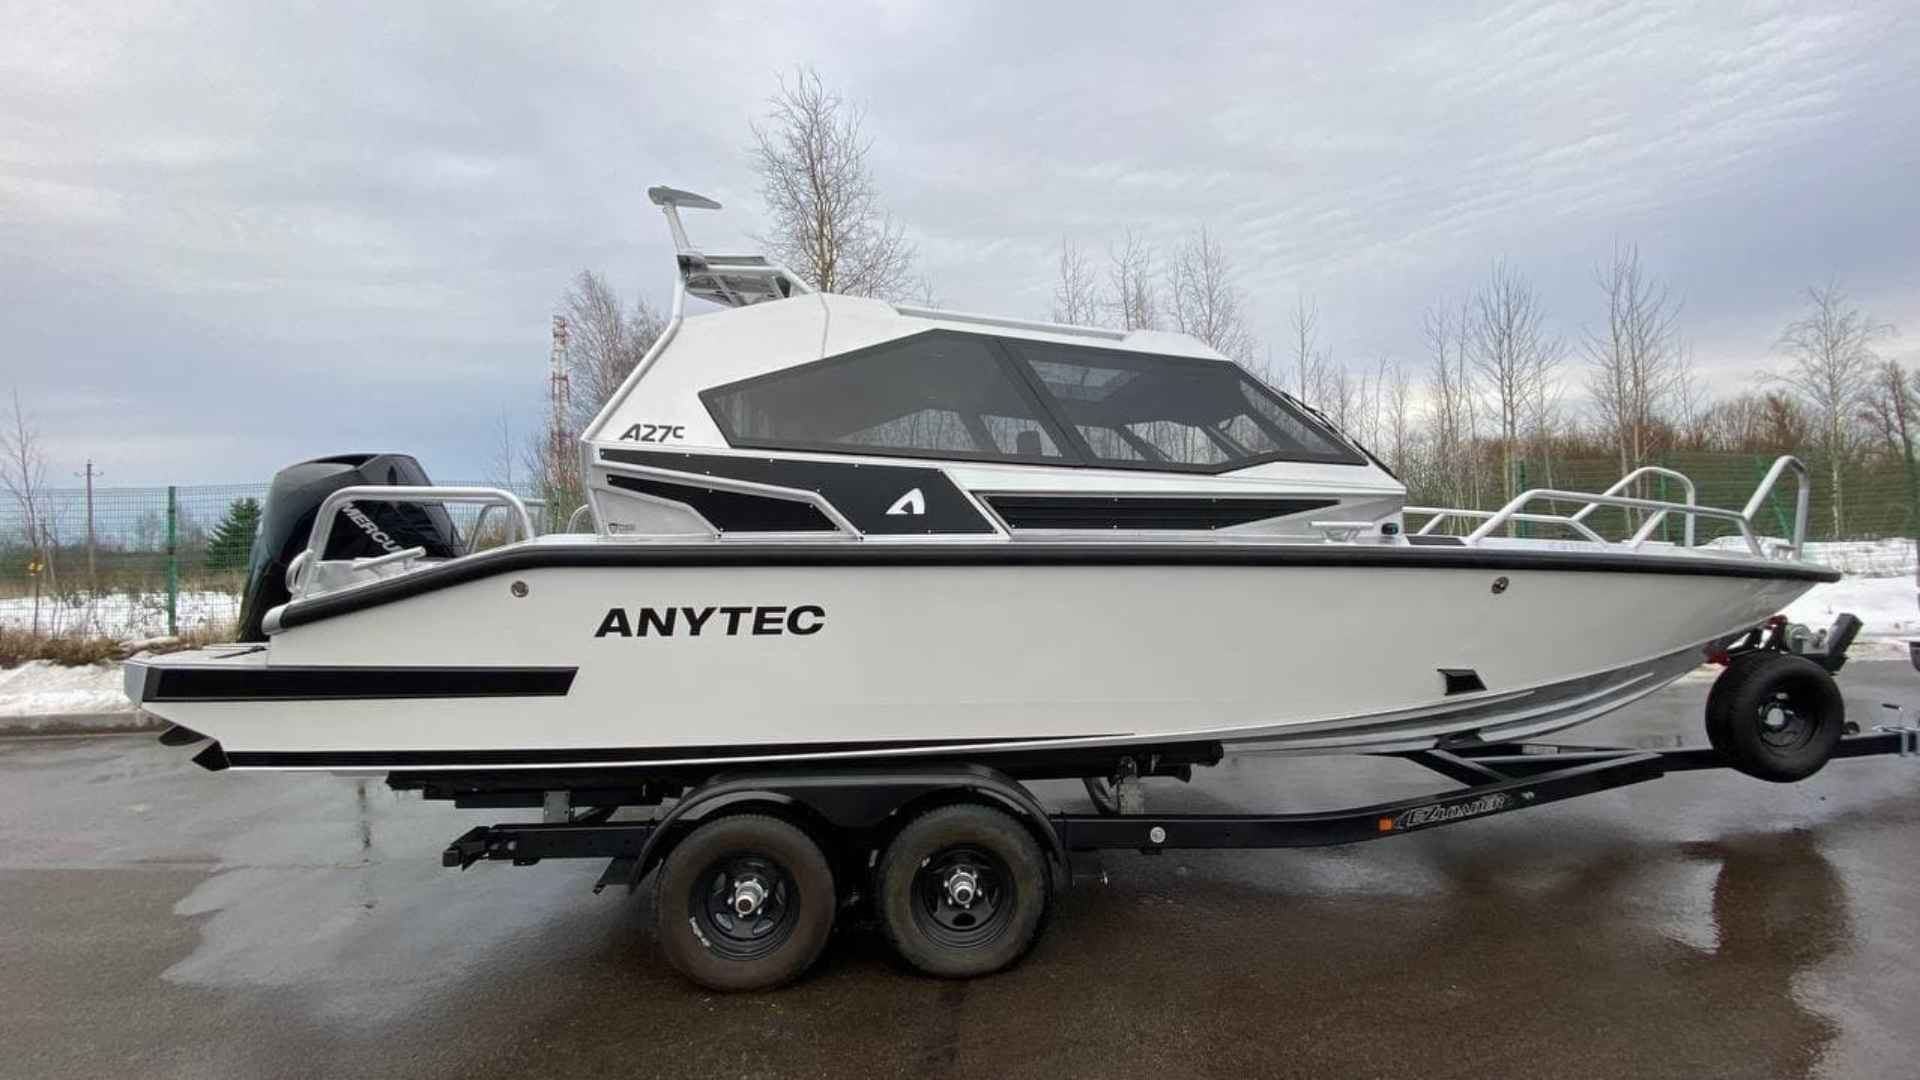 Алюминиевый катер Anytec A27C